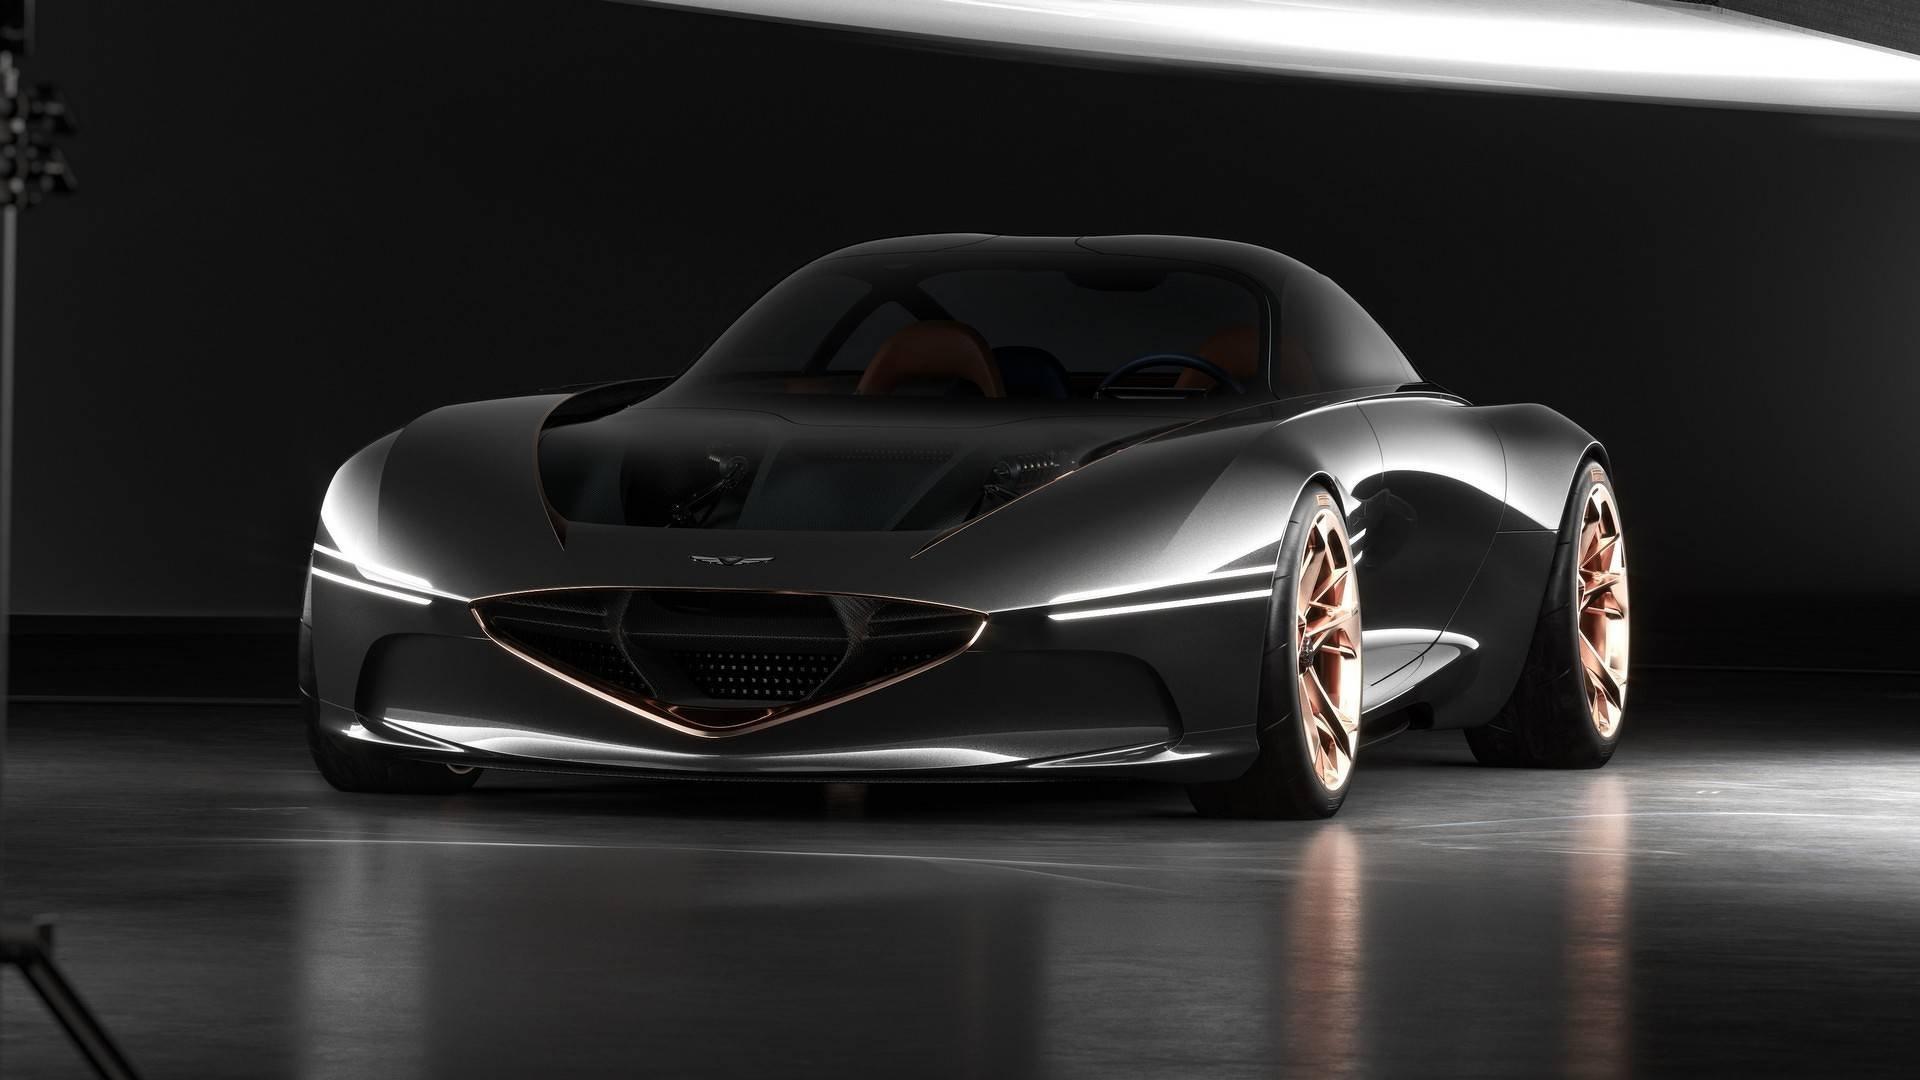 Genesis показала новейшую версию концептуальной модели купе Essentia